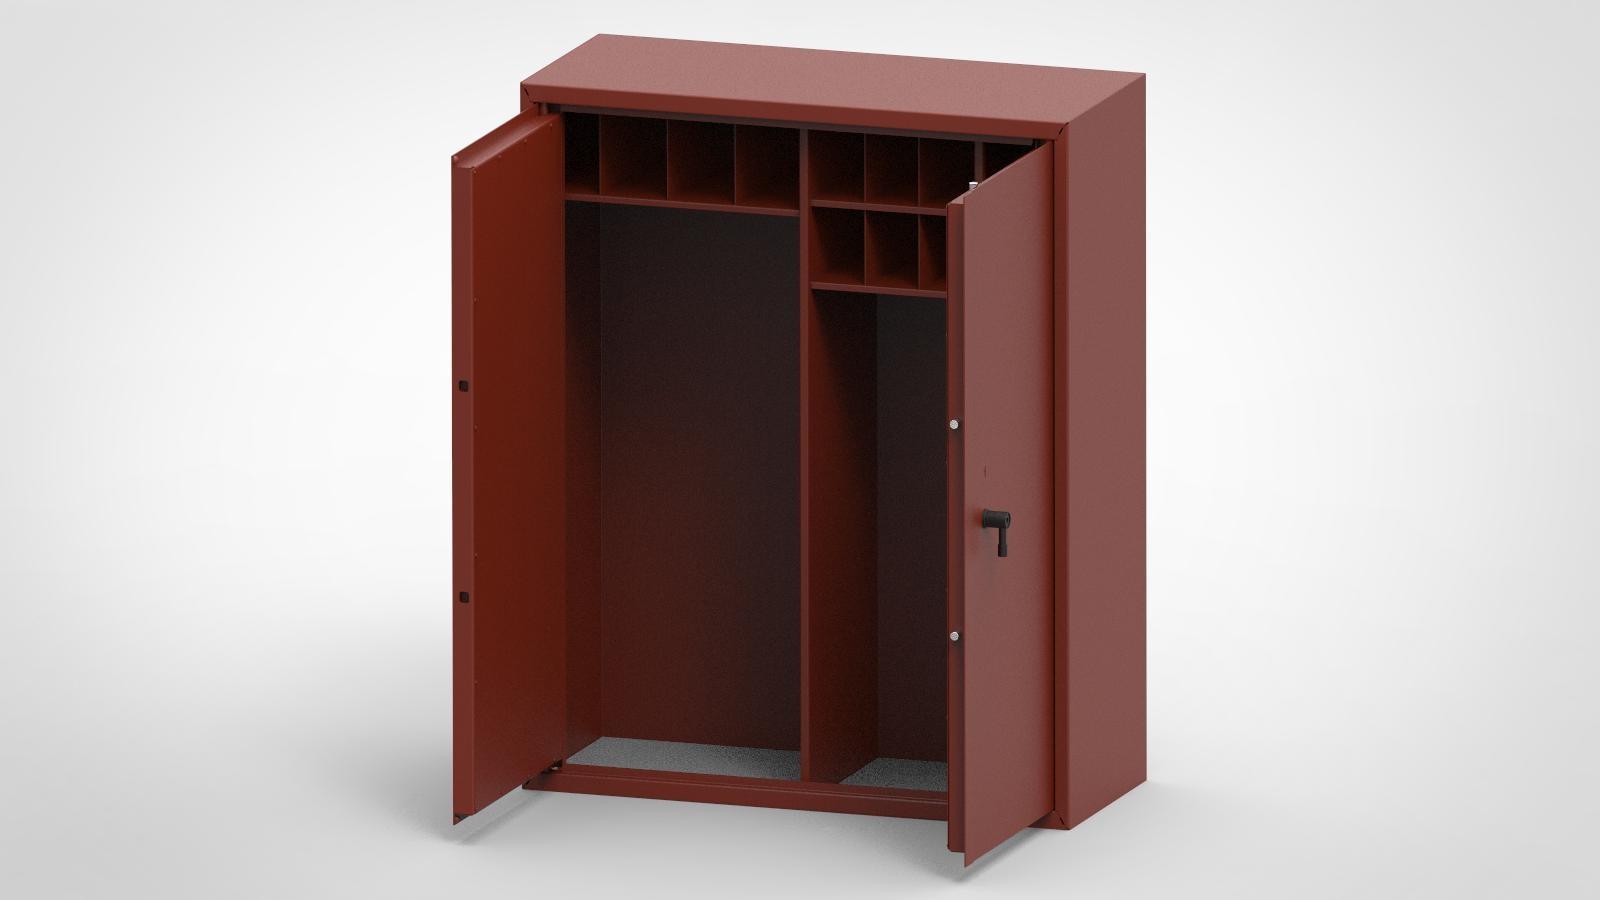 Nowy, ciekawy projekt szafy